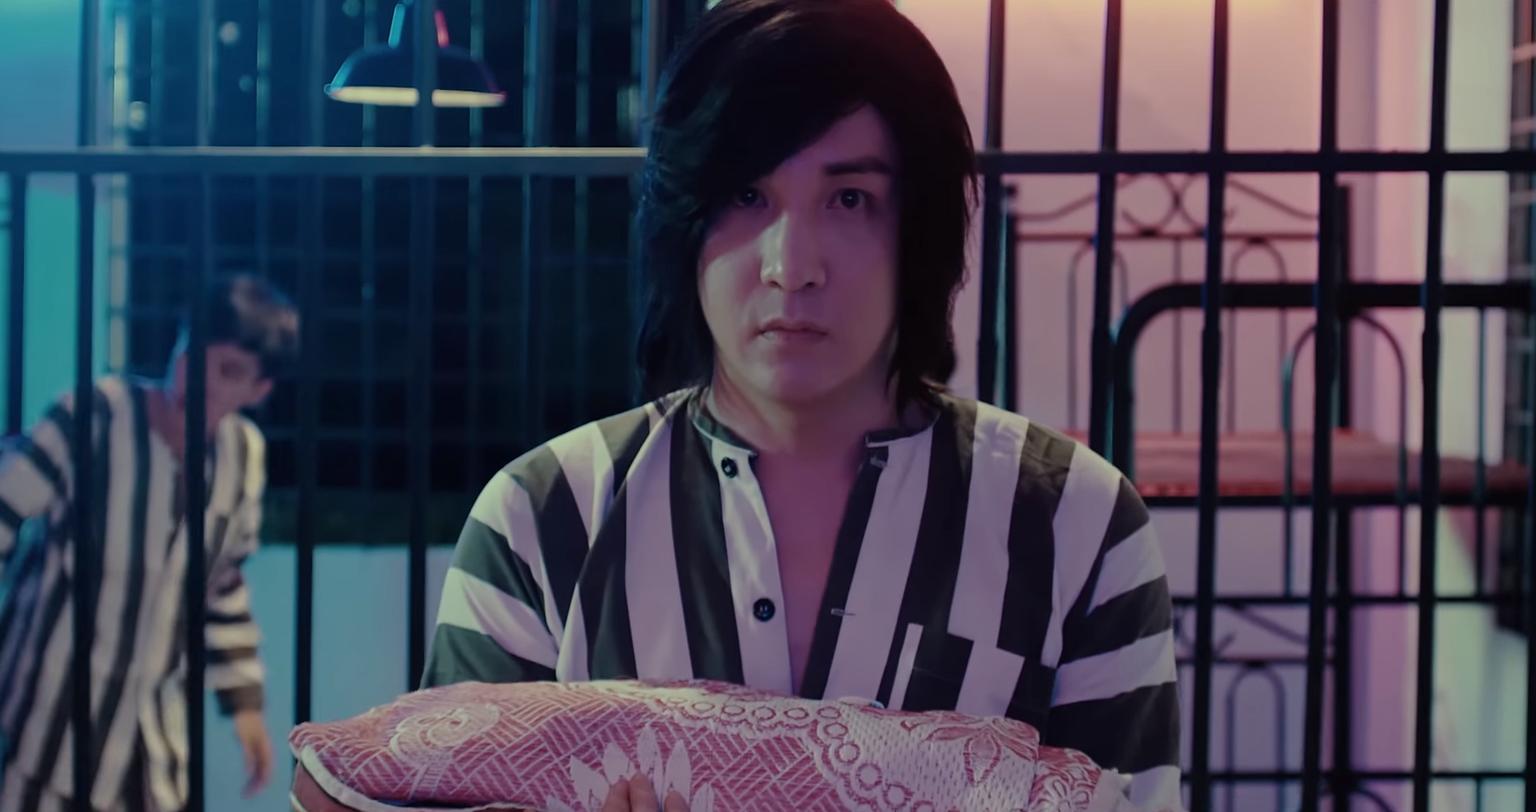 Web drama của Lâm Chấn Khang vừa hạ bệ Sơn Tùng: Đánh đấm như... siêu anh hùng, có cả màn tái sinh cực lầy - Ảnh 6.